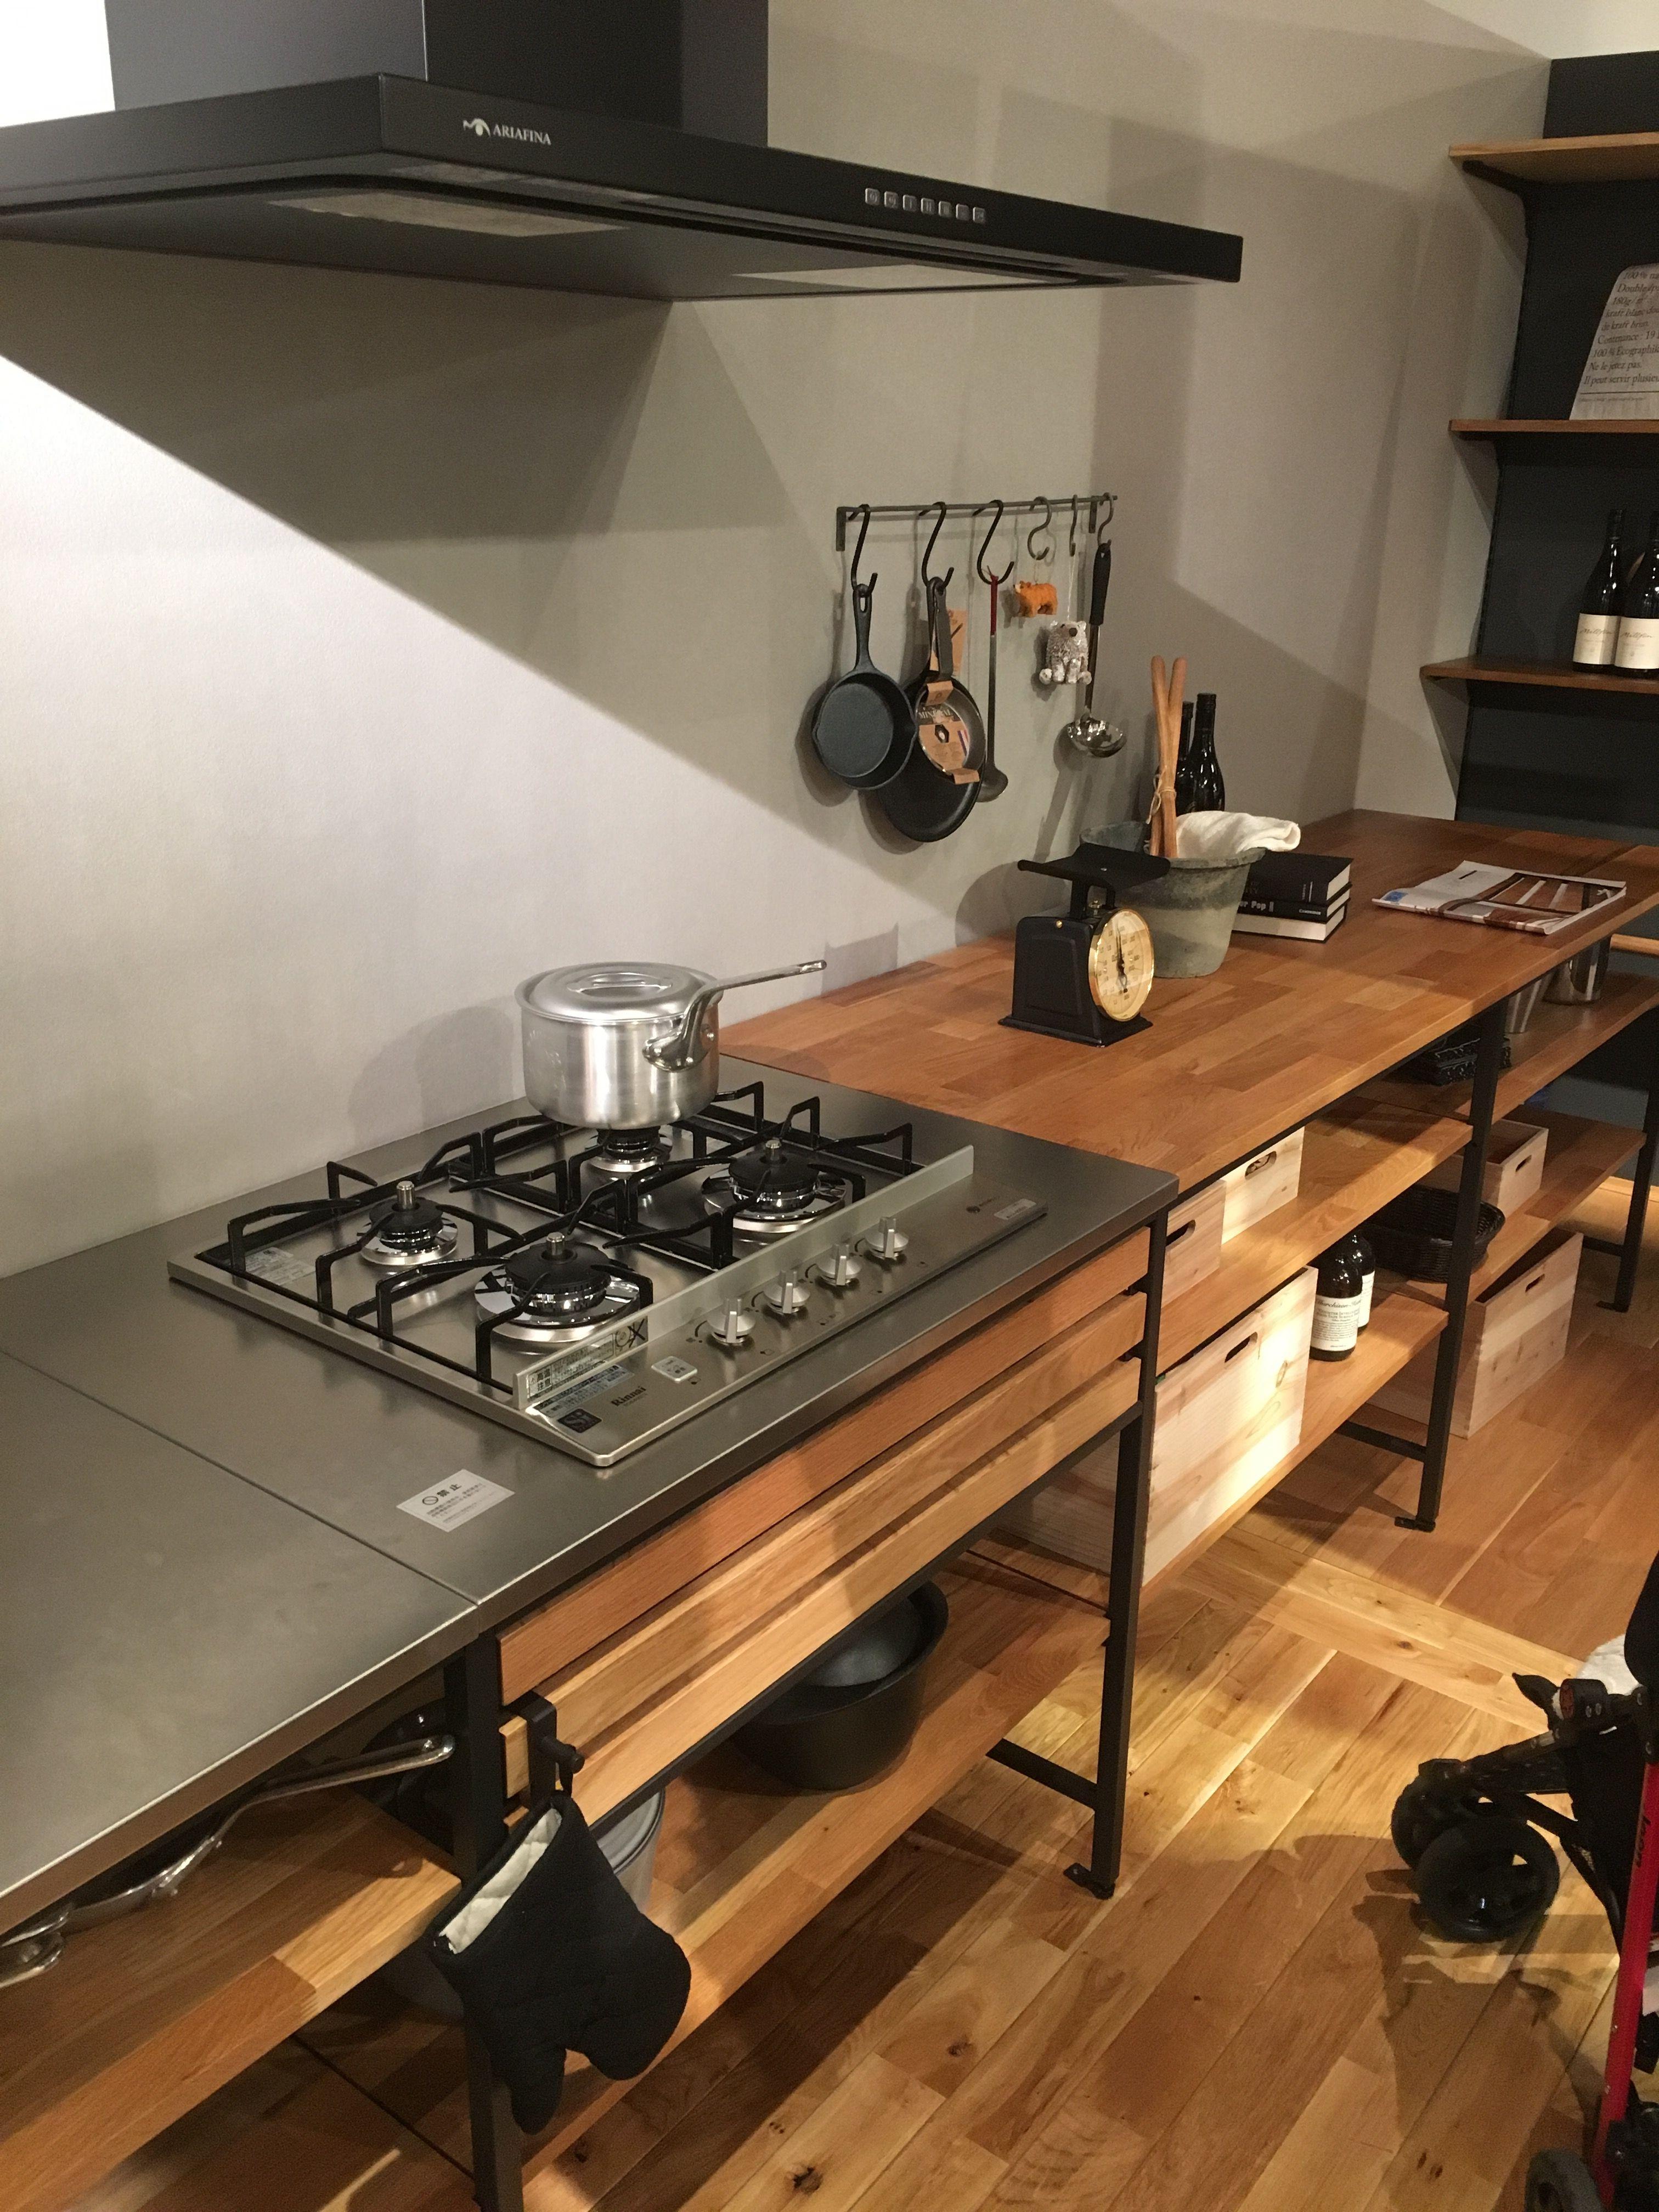 Cabinet Ideas Stunnung Kitchen Inspiration Pinterest Kitchens